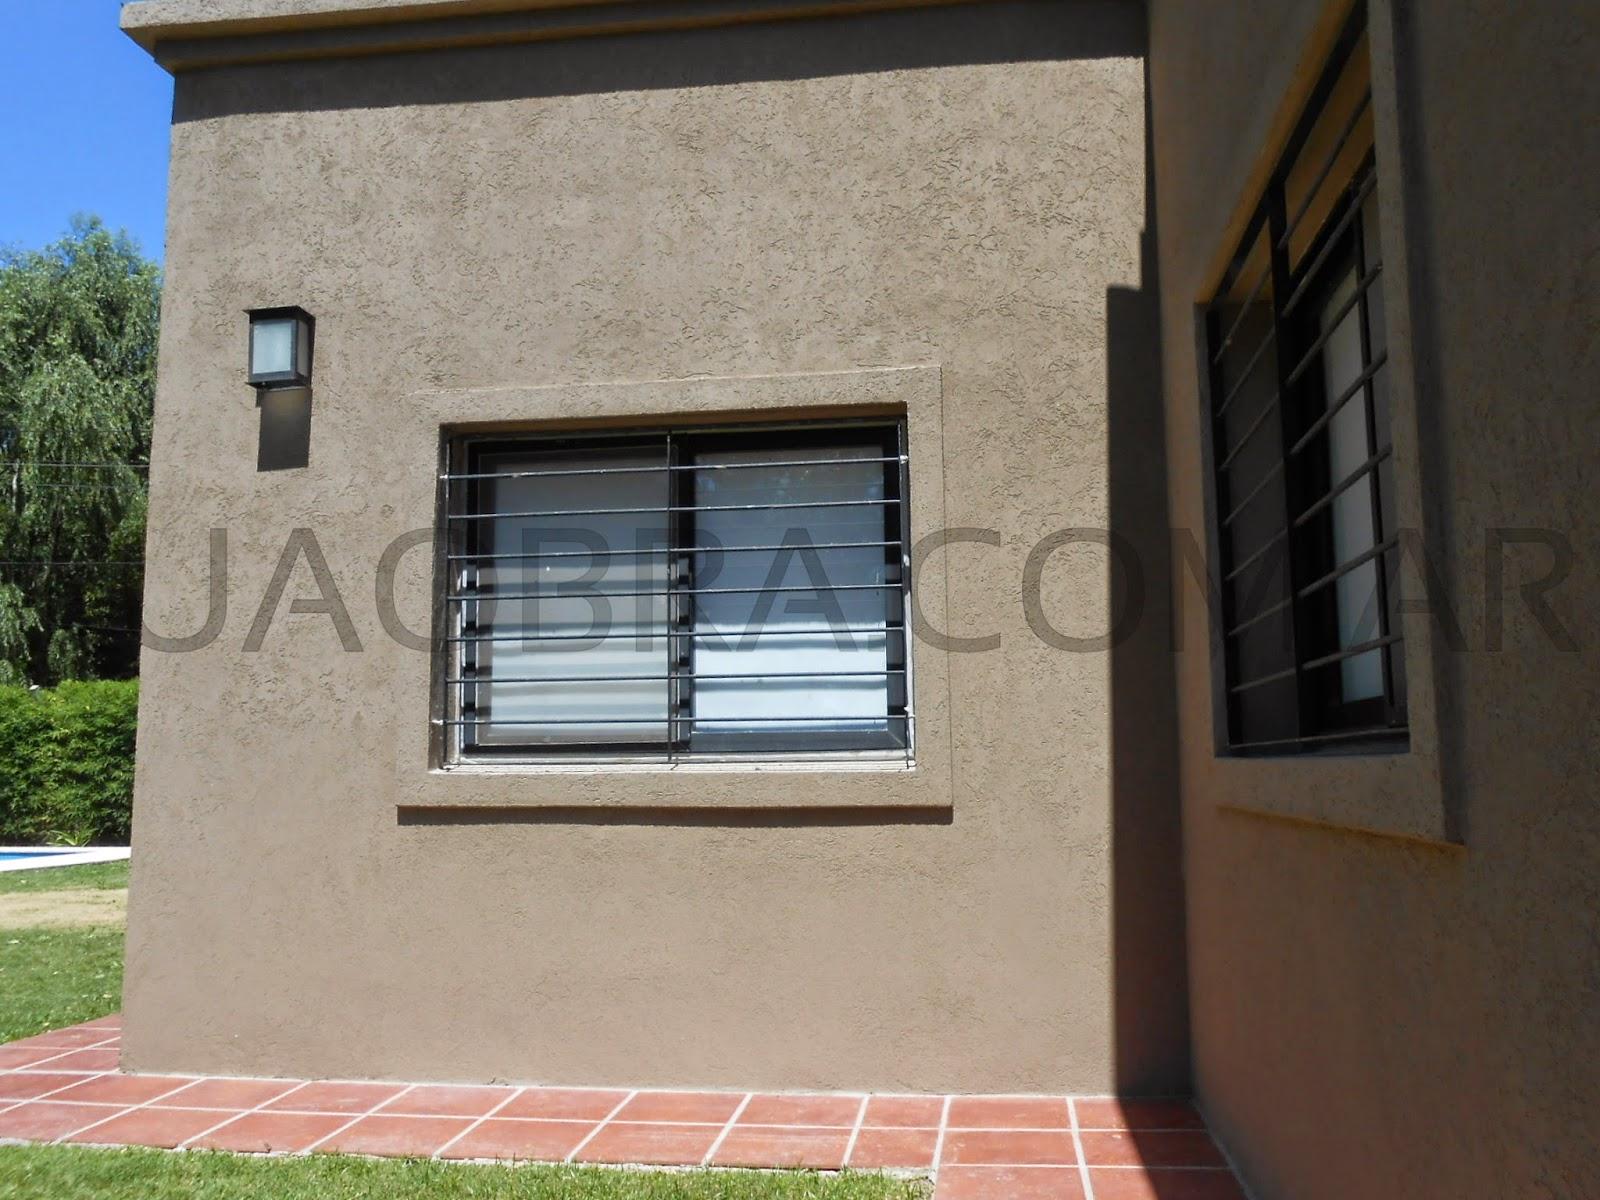 Colocacion profesional tarquini suaobra com ar - Revestir paredes exteriores ...